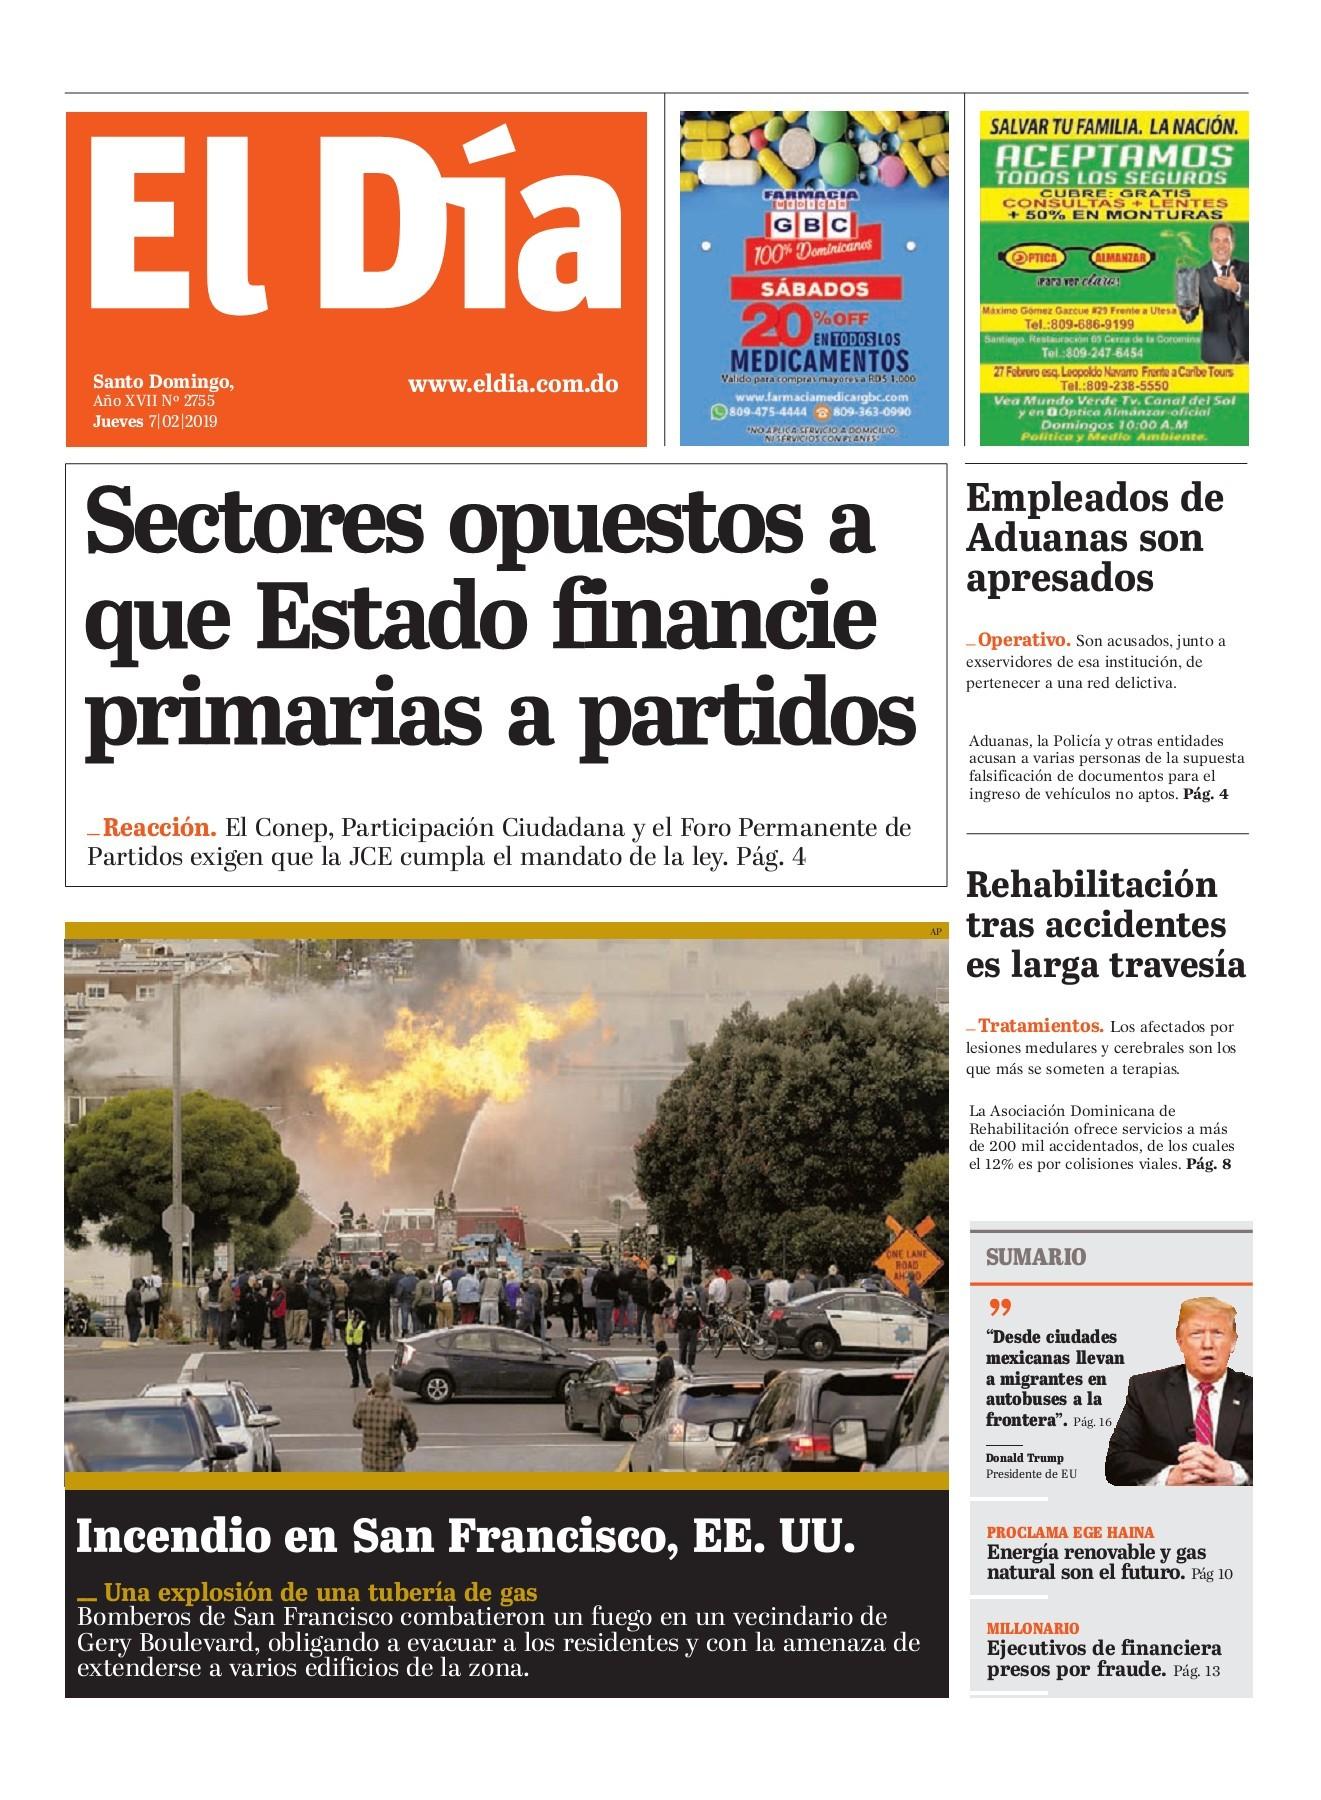 Portada Periódico El Día, Jueves 07 de Febrero 2019